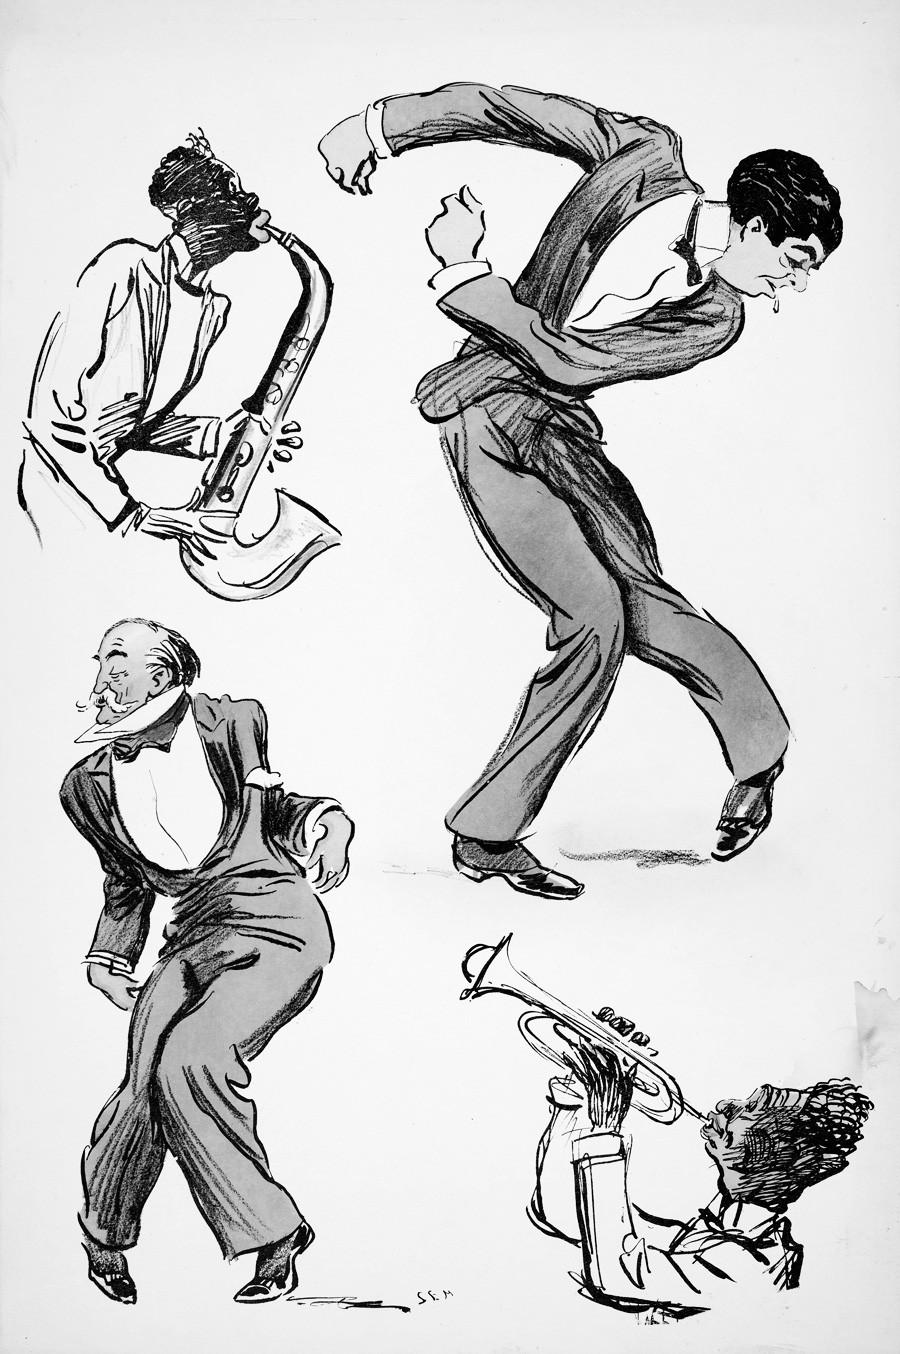 スーツを着た二人の男性は踊り、二人のミュージシャンがサクソフォーンとトランペットを弾く。「ホワイト・ボトムズ」、1927年出版。